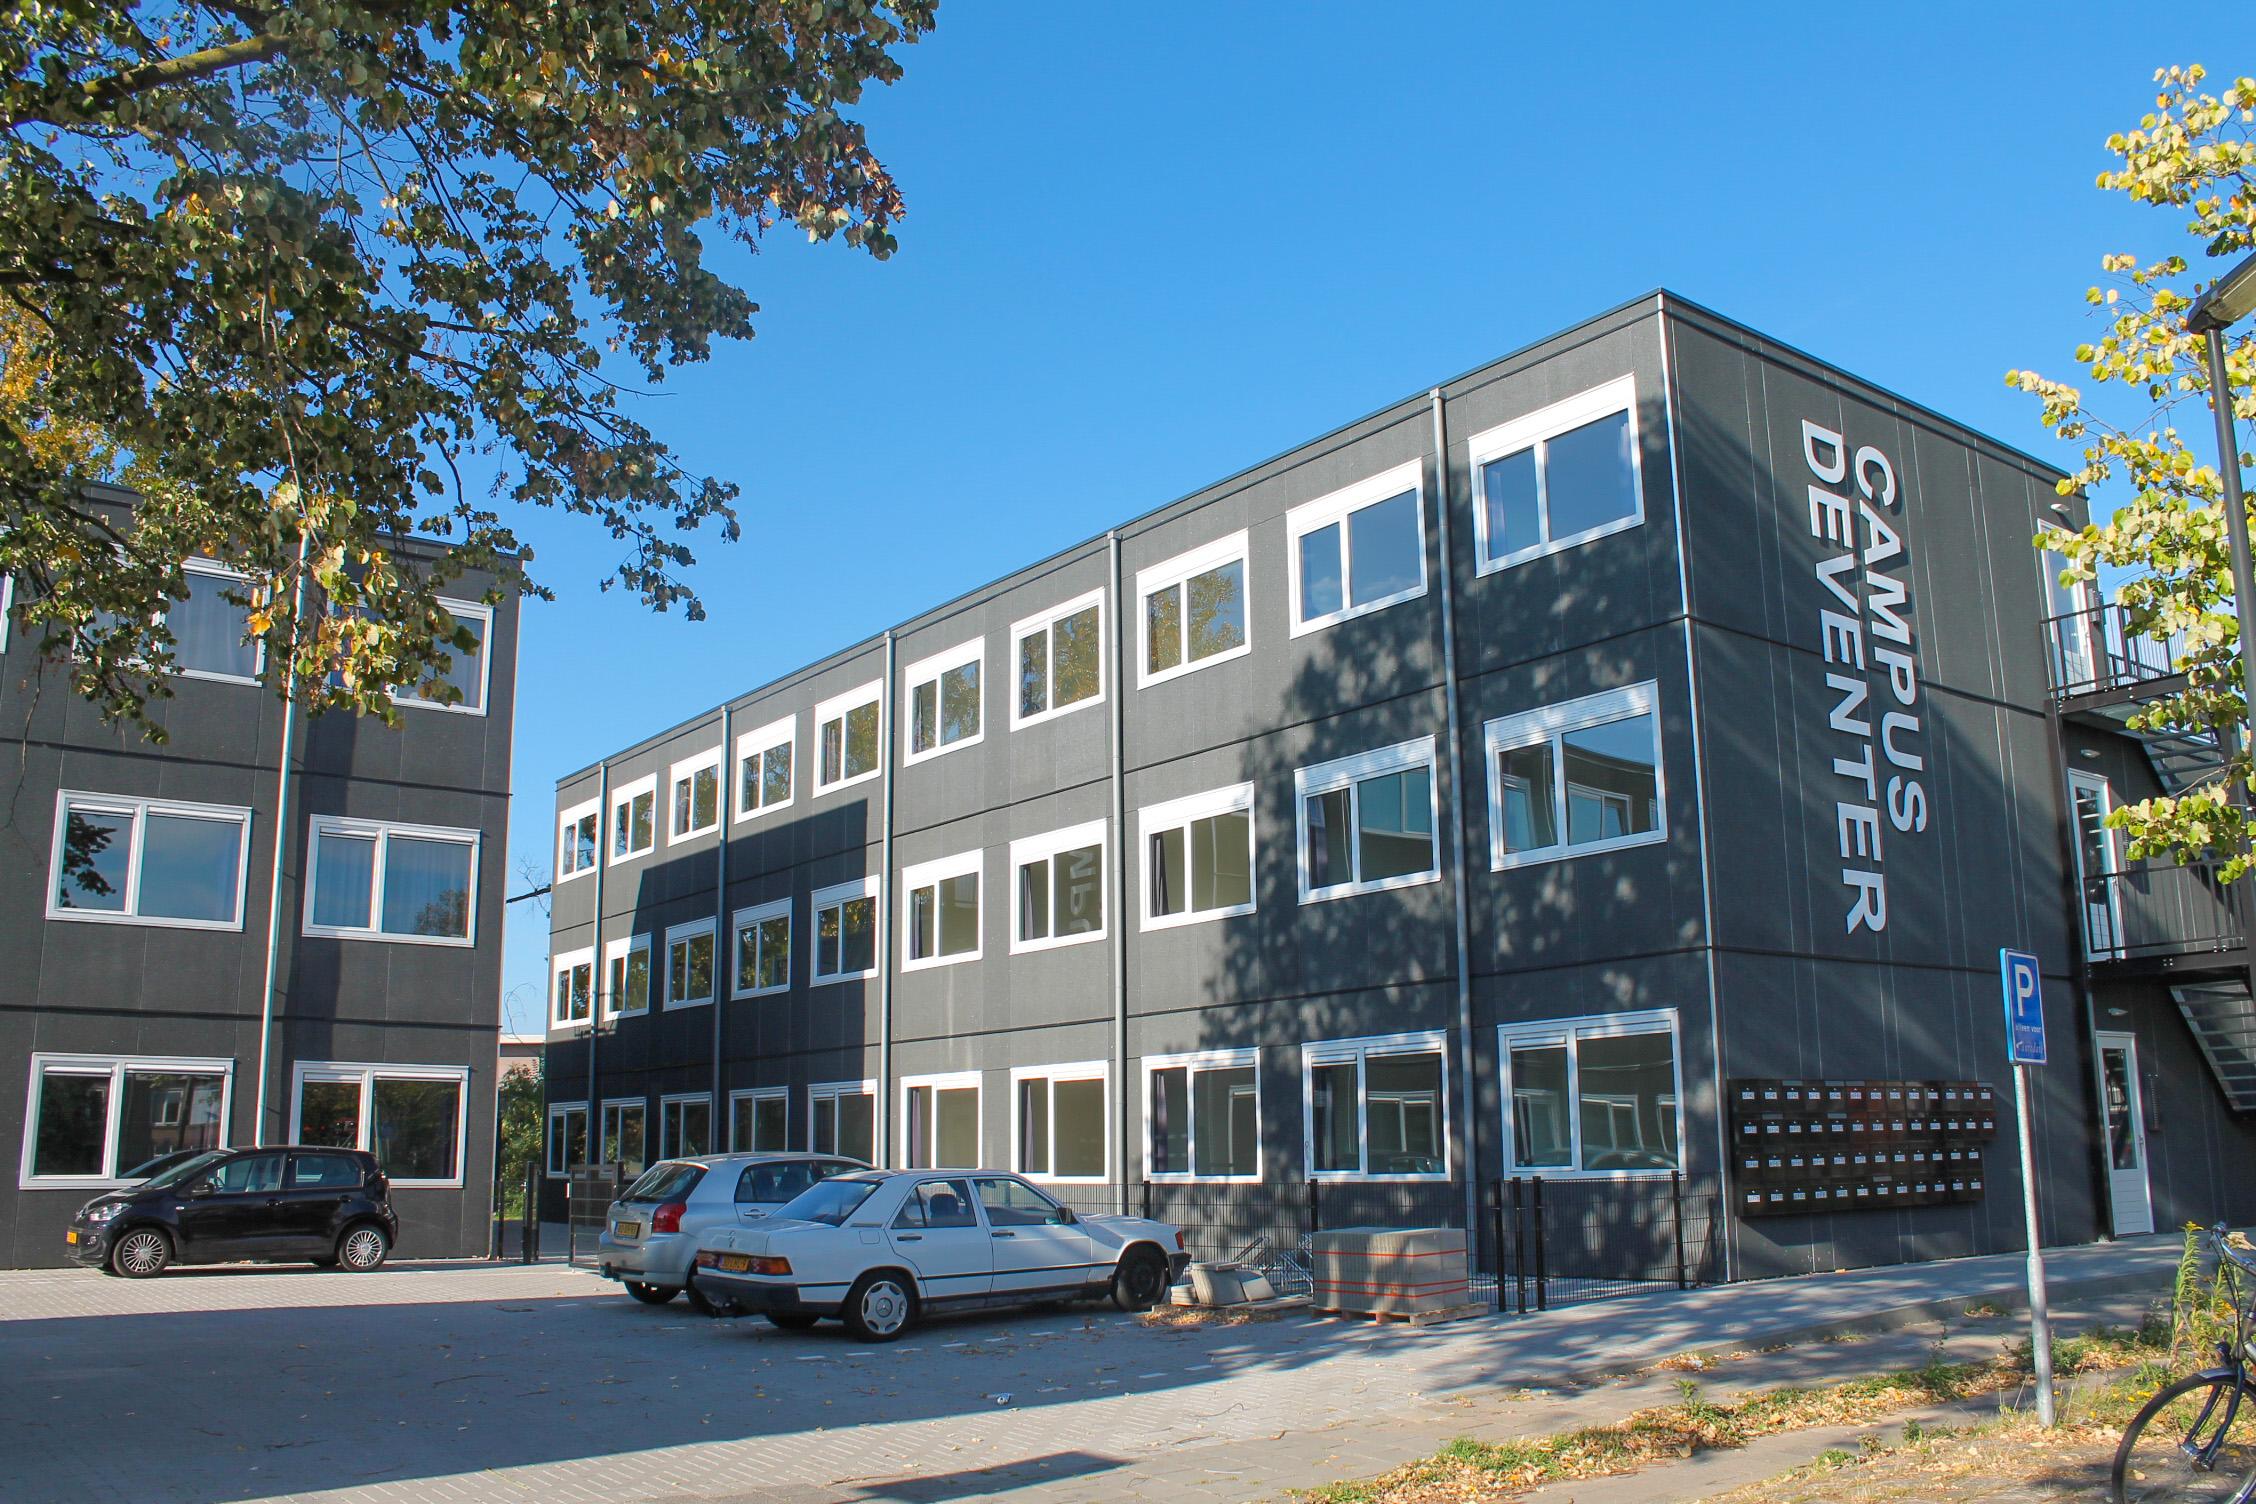 G.J.L. Ankersmitlaan, Deventer